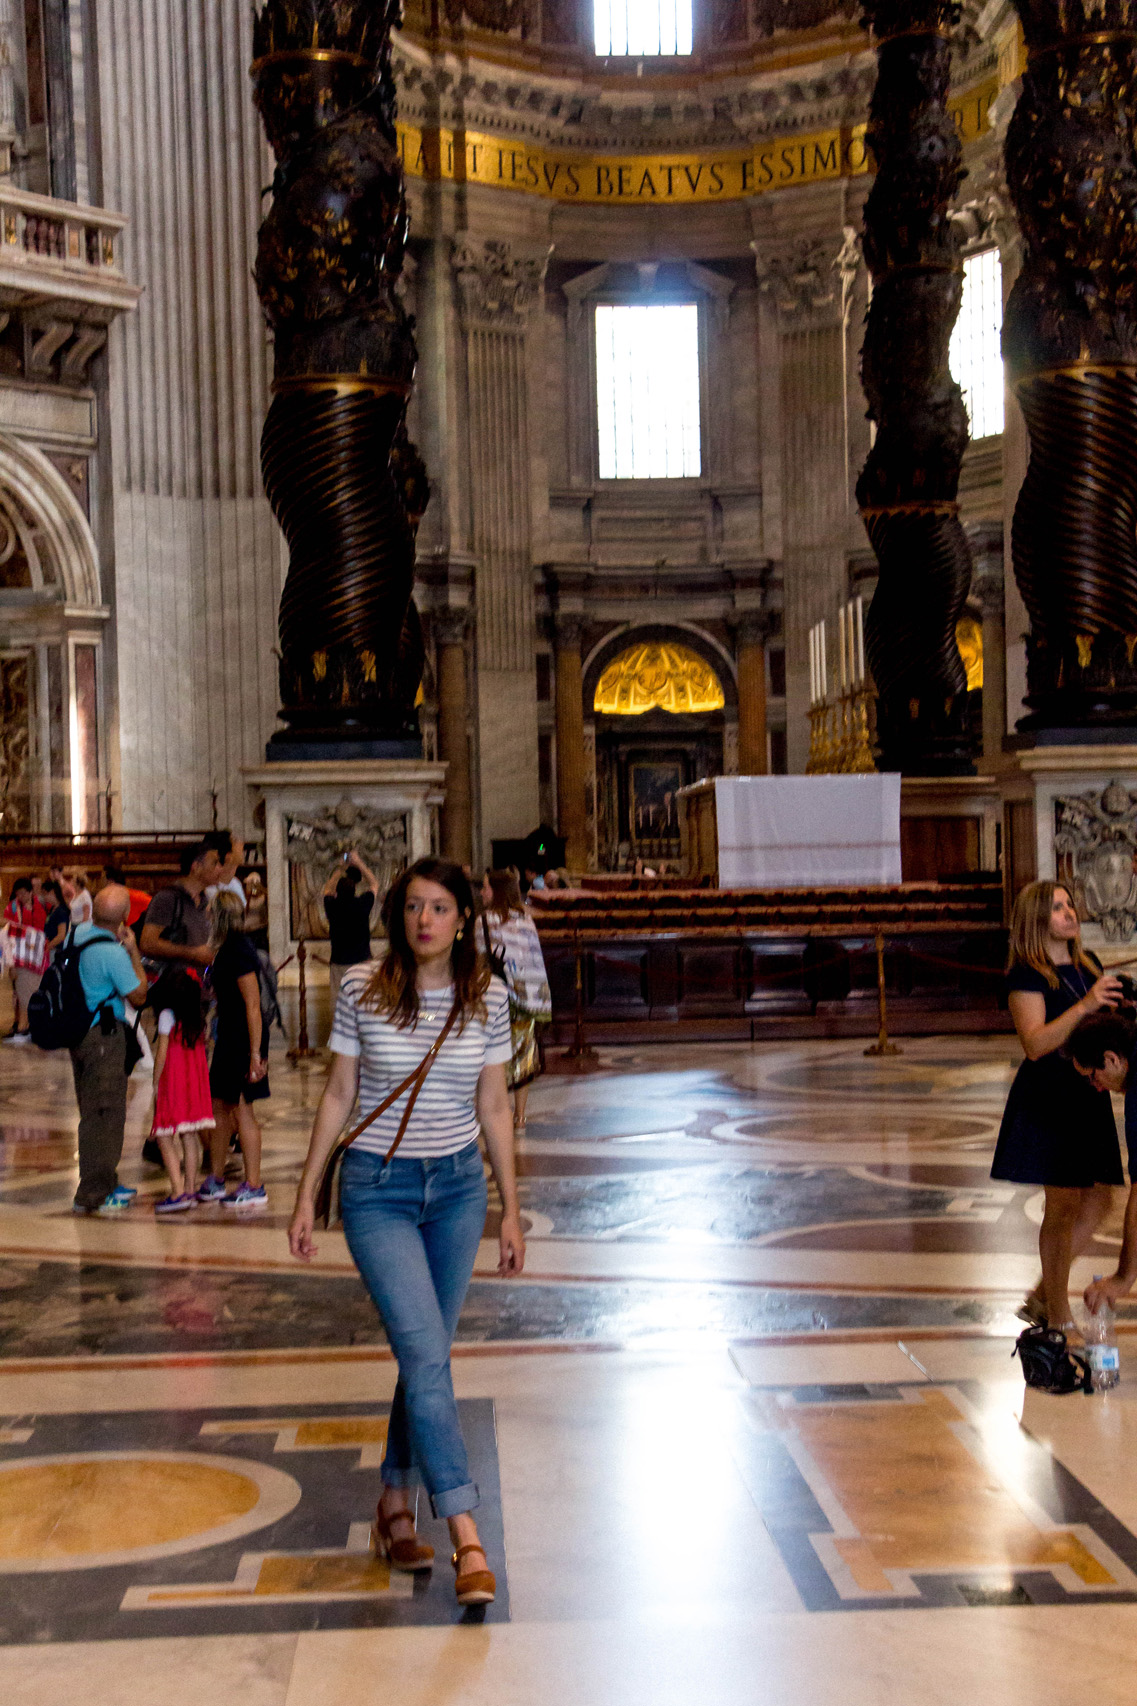 In St. Peter's Basilica, Vatican